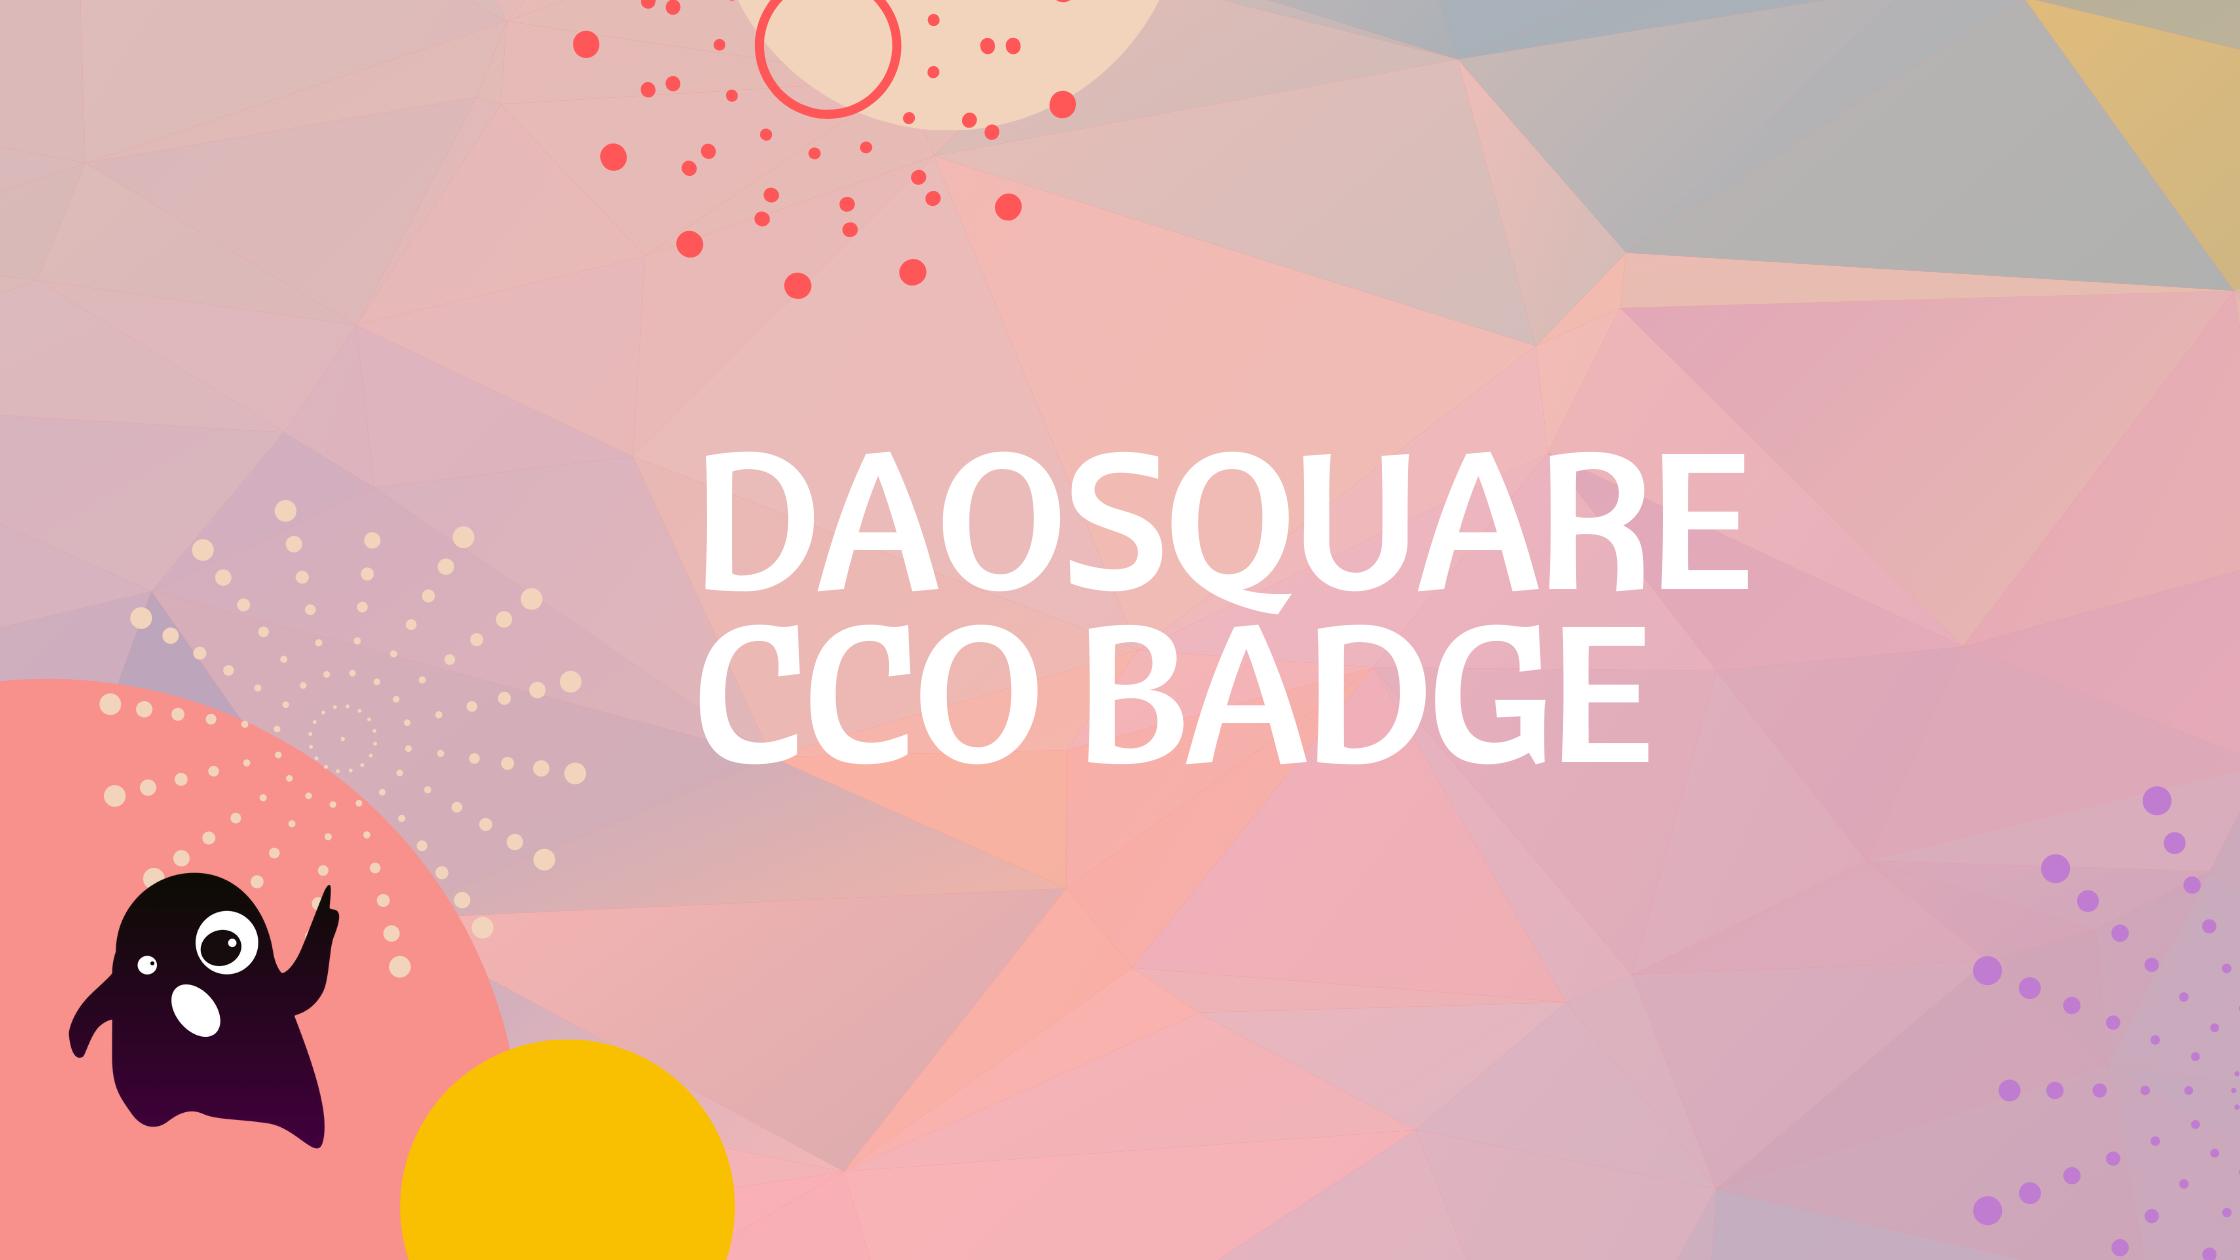 DAOSquare CCO 勋章开放领取啦!